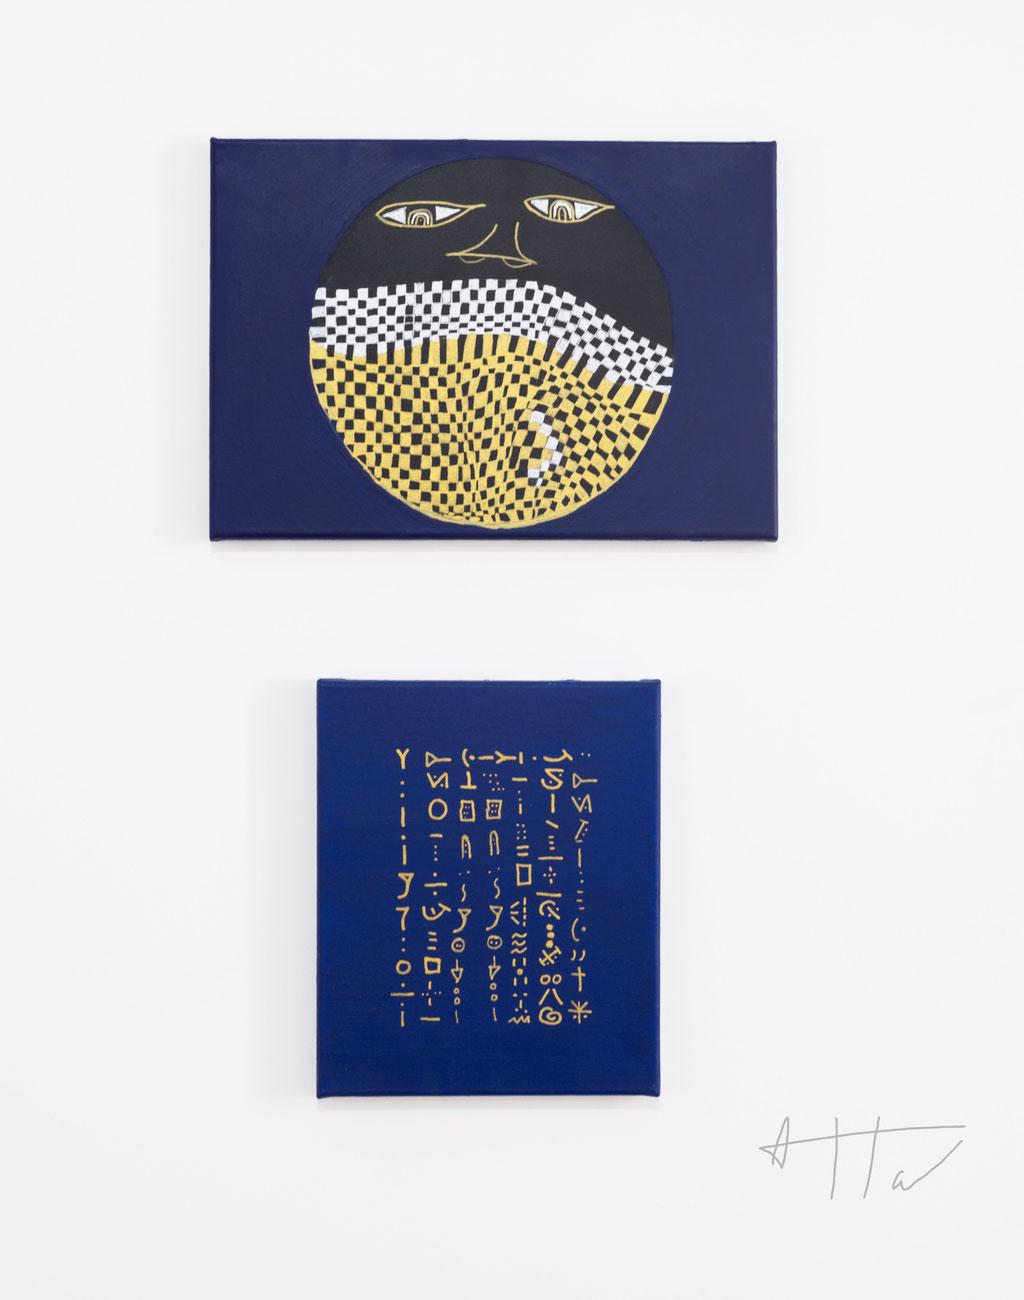 Untitled #16 (top) 30 cm x 42 cm, Digitology #1 (bottom) 31 cm x 26 cm, acrylic paint on canvas, unique.